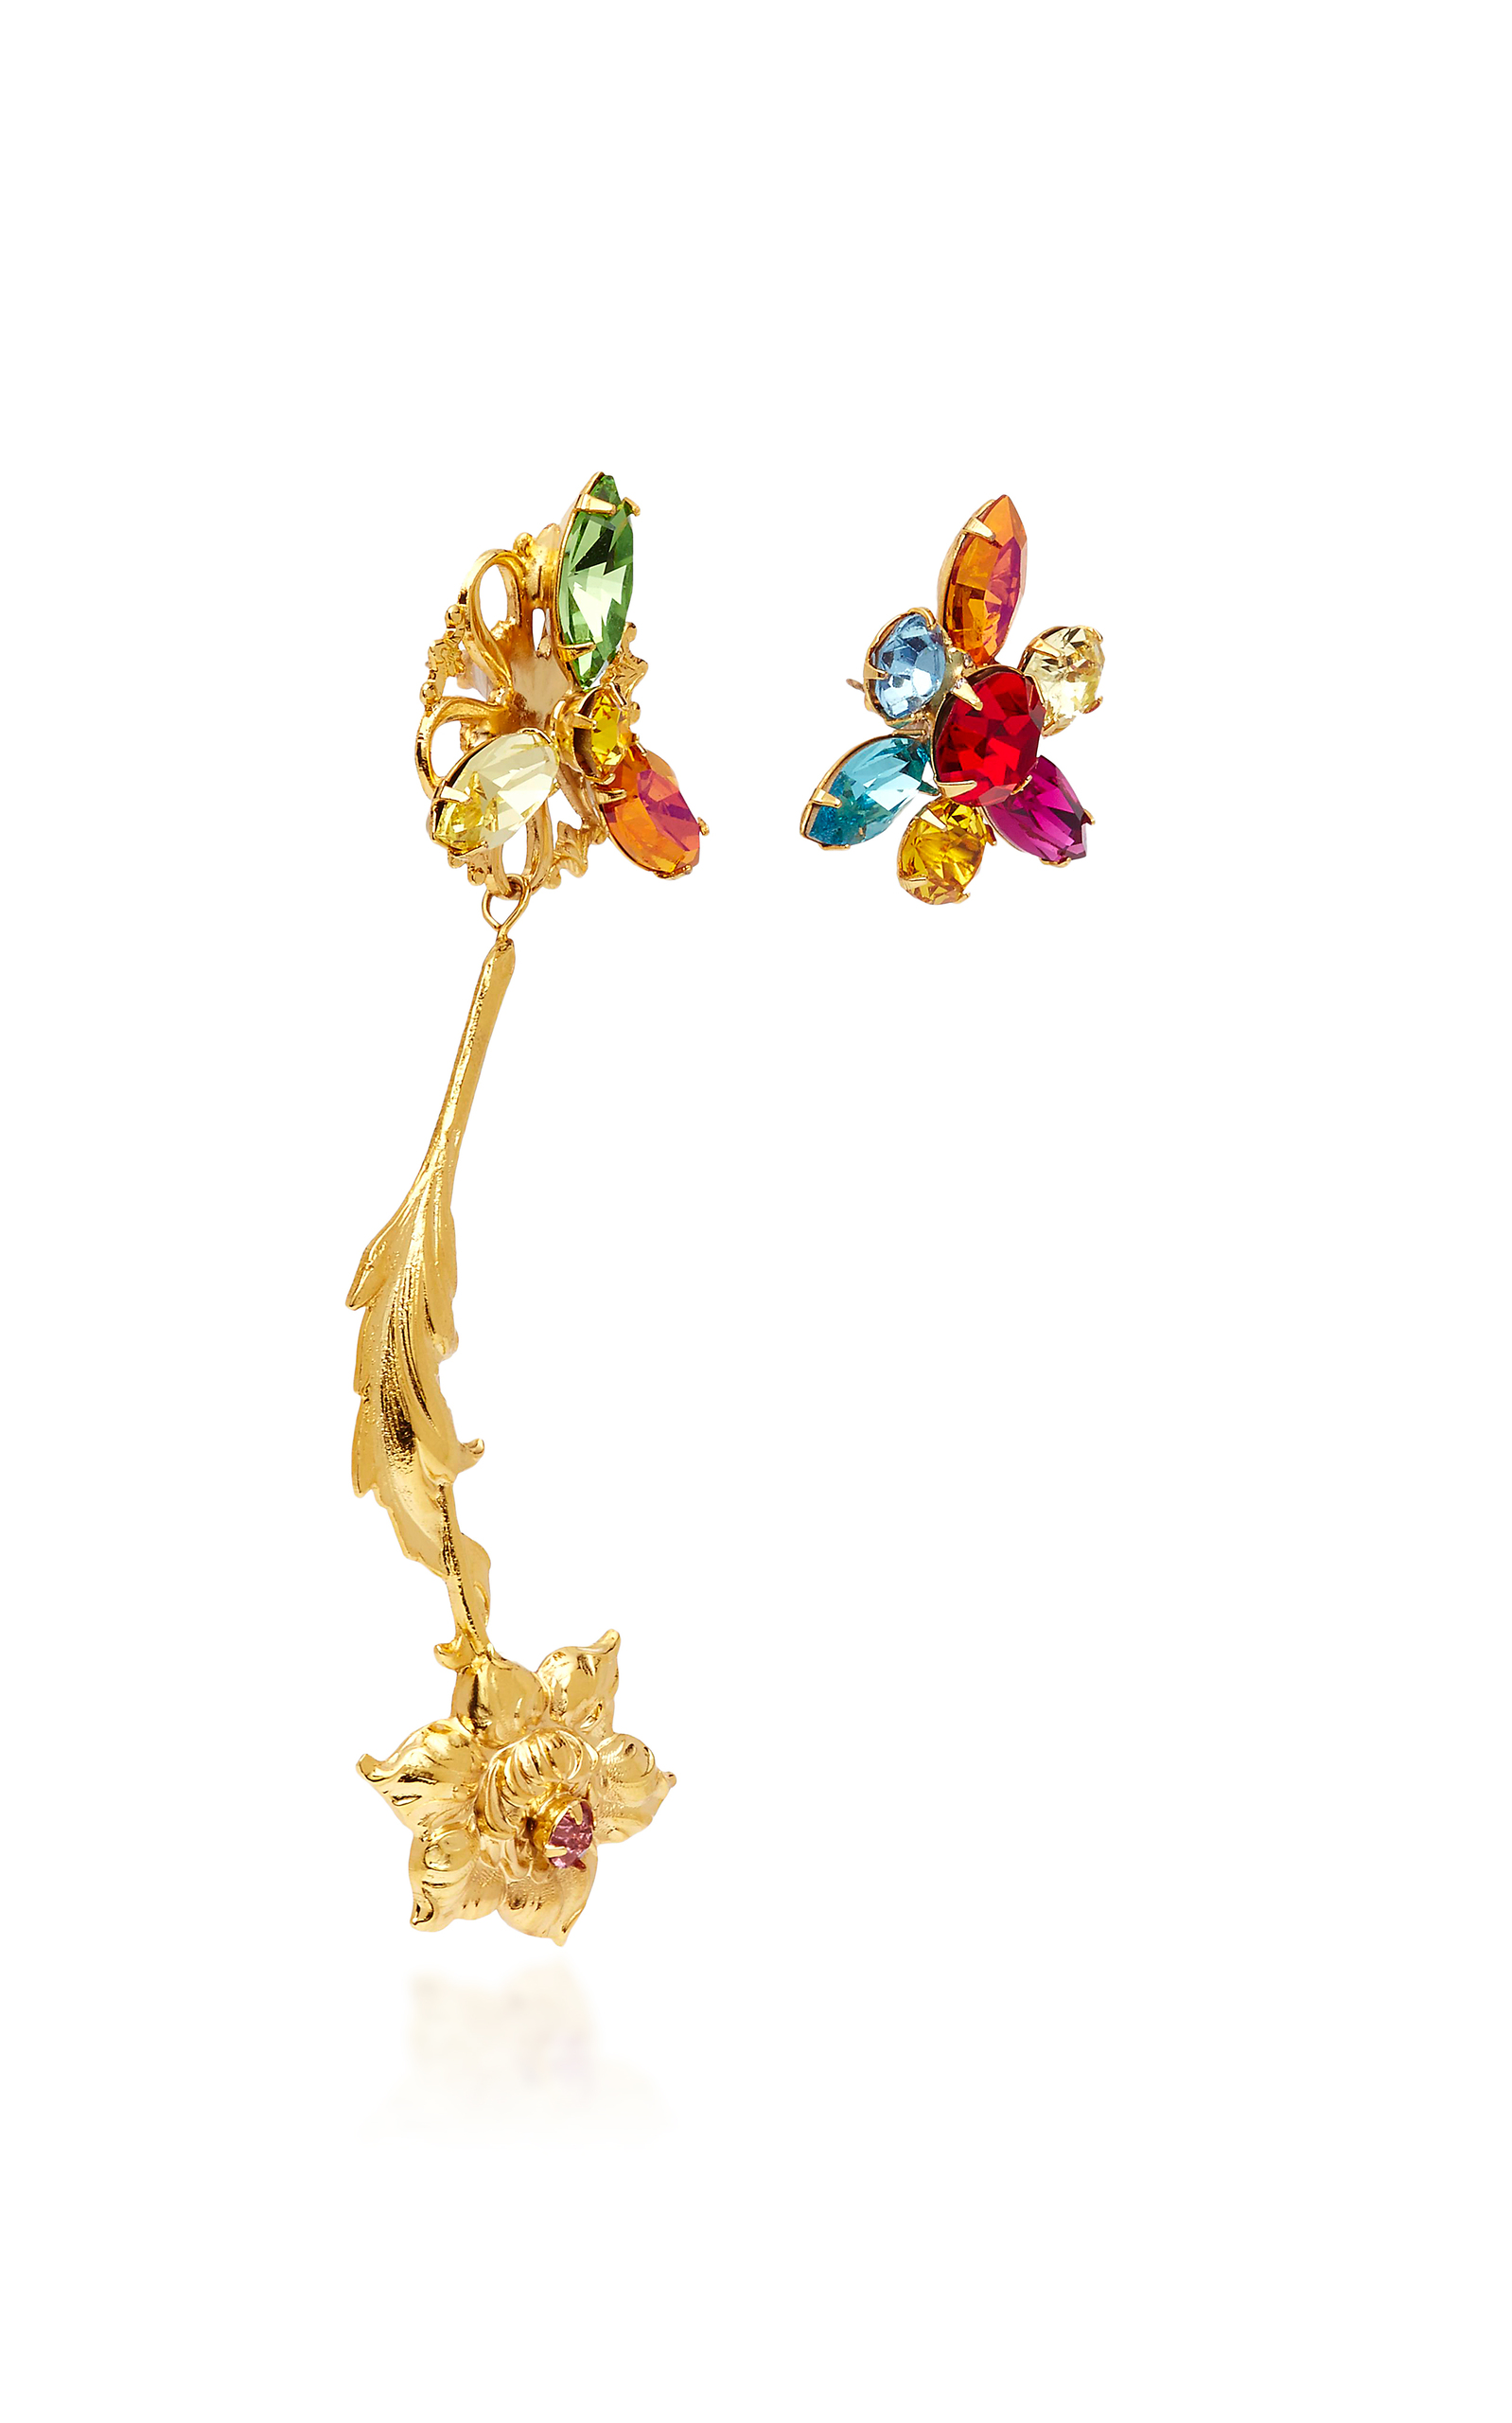 Gold Flower Earrings with Multicolor Swarovski Crystal Details Rodarte zyUO3jGzwU